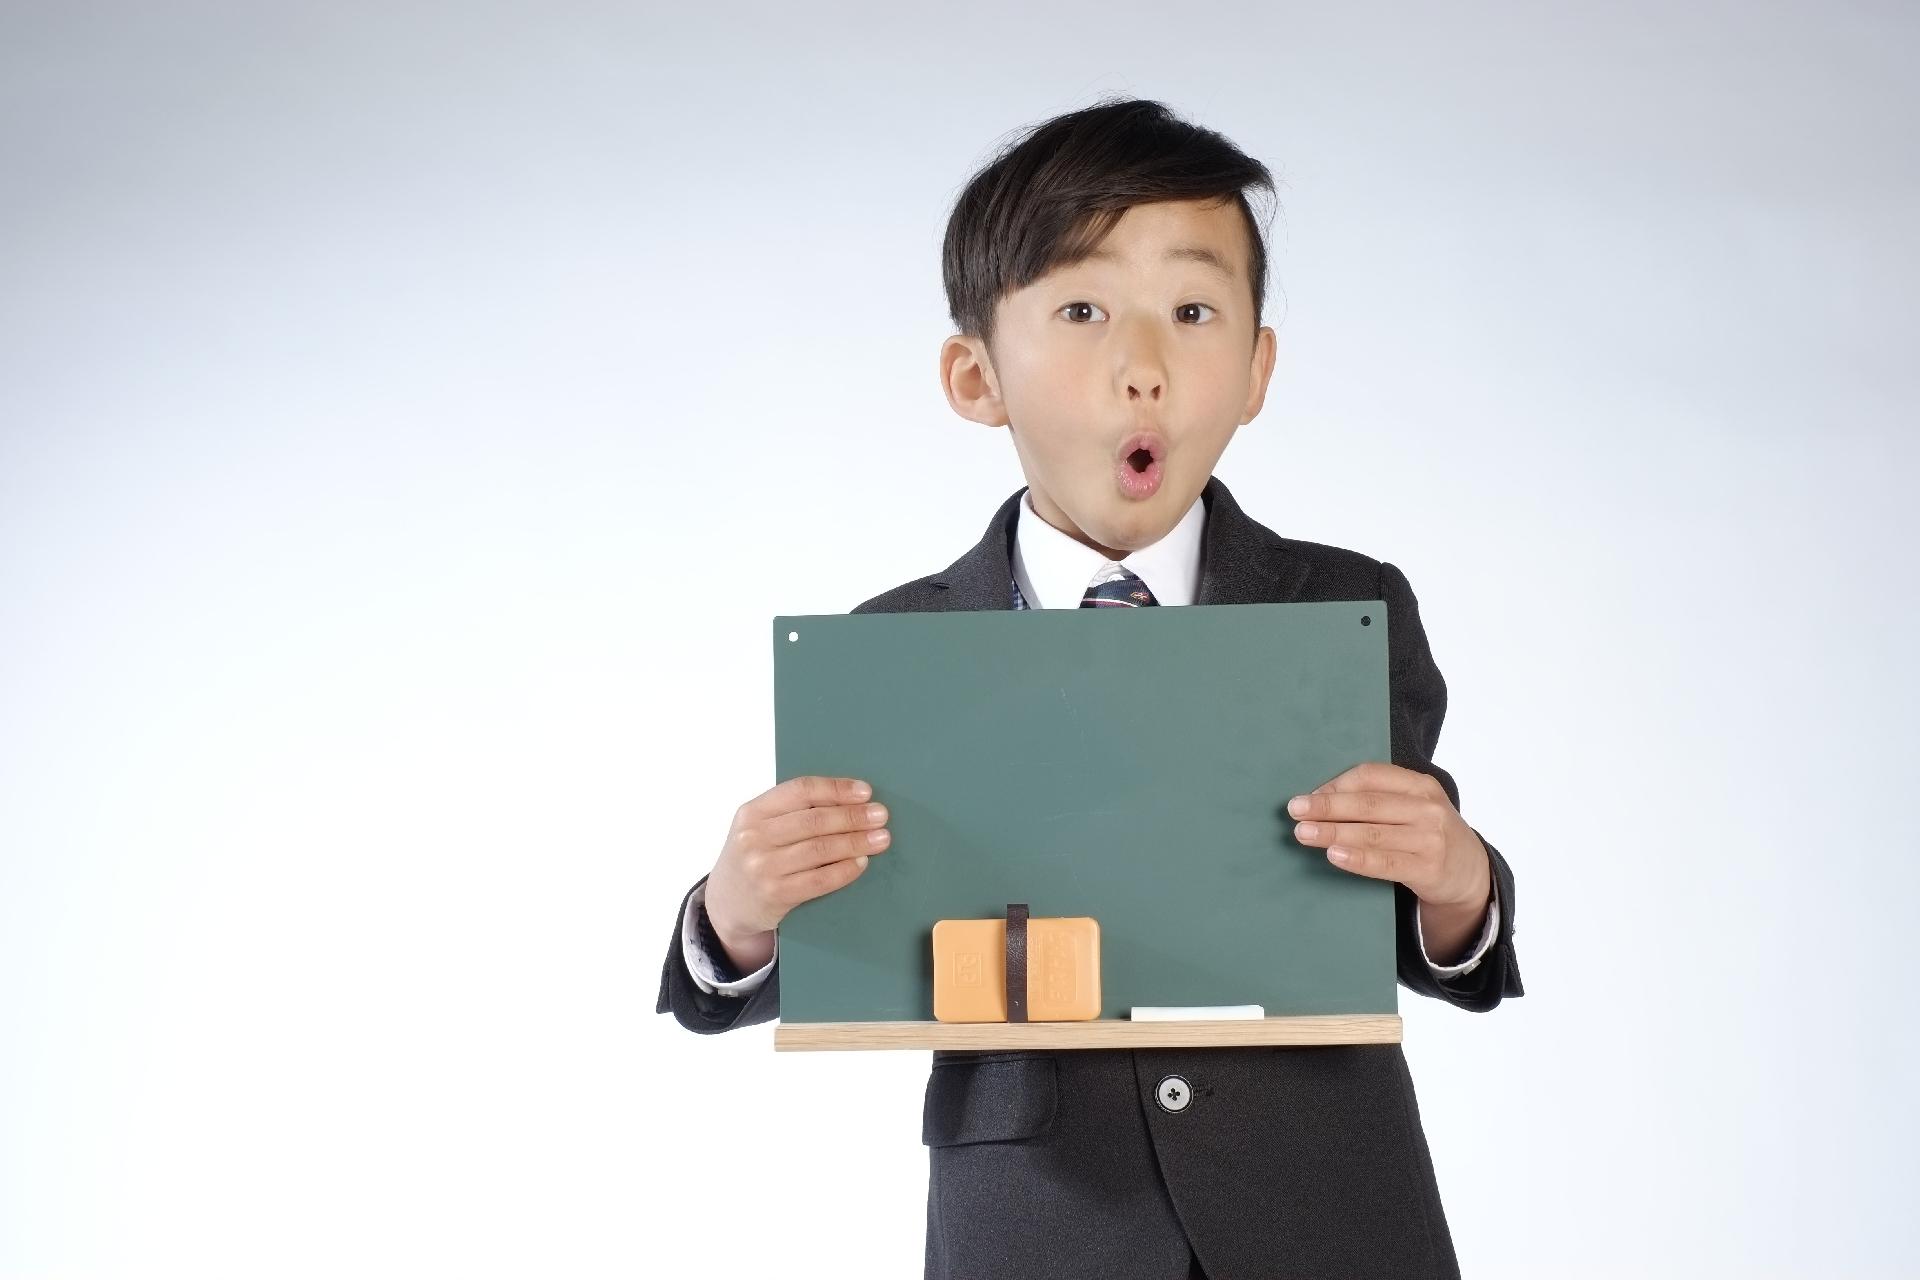 黒板を持つ男の子